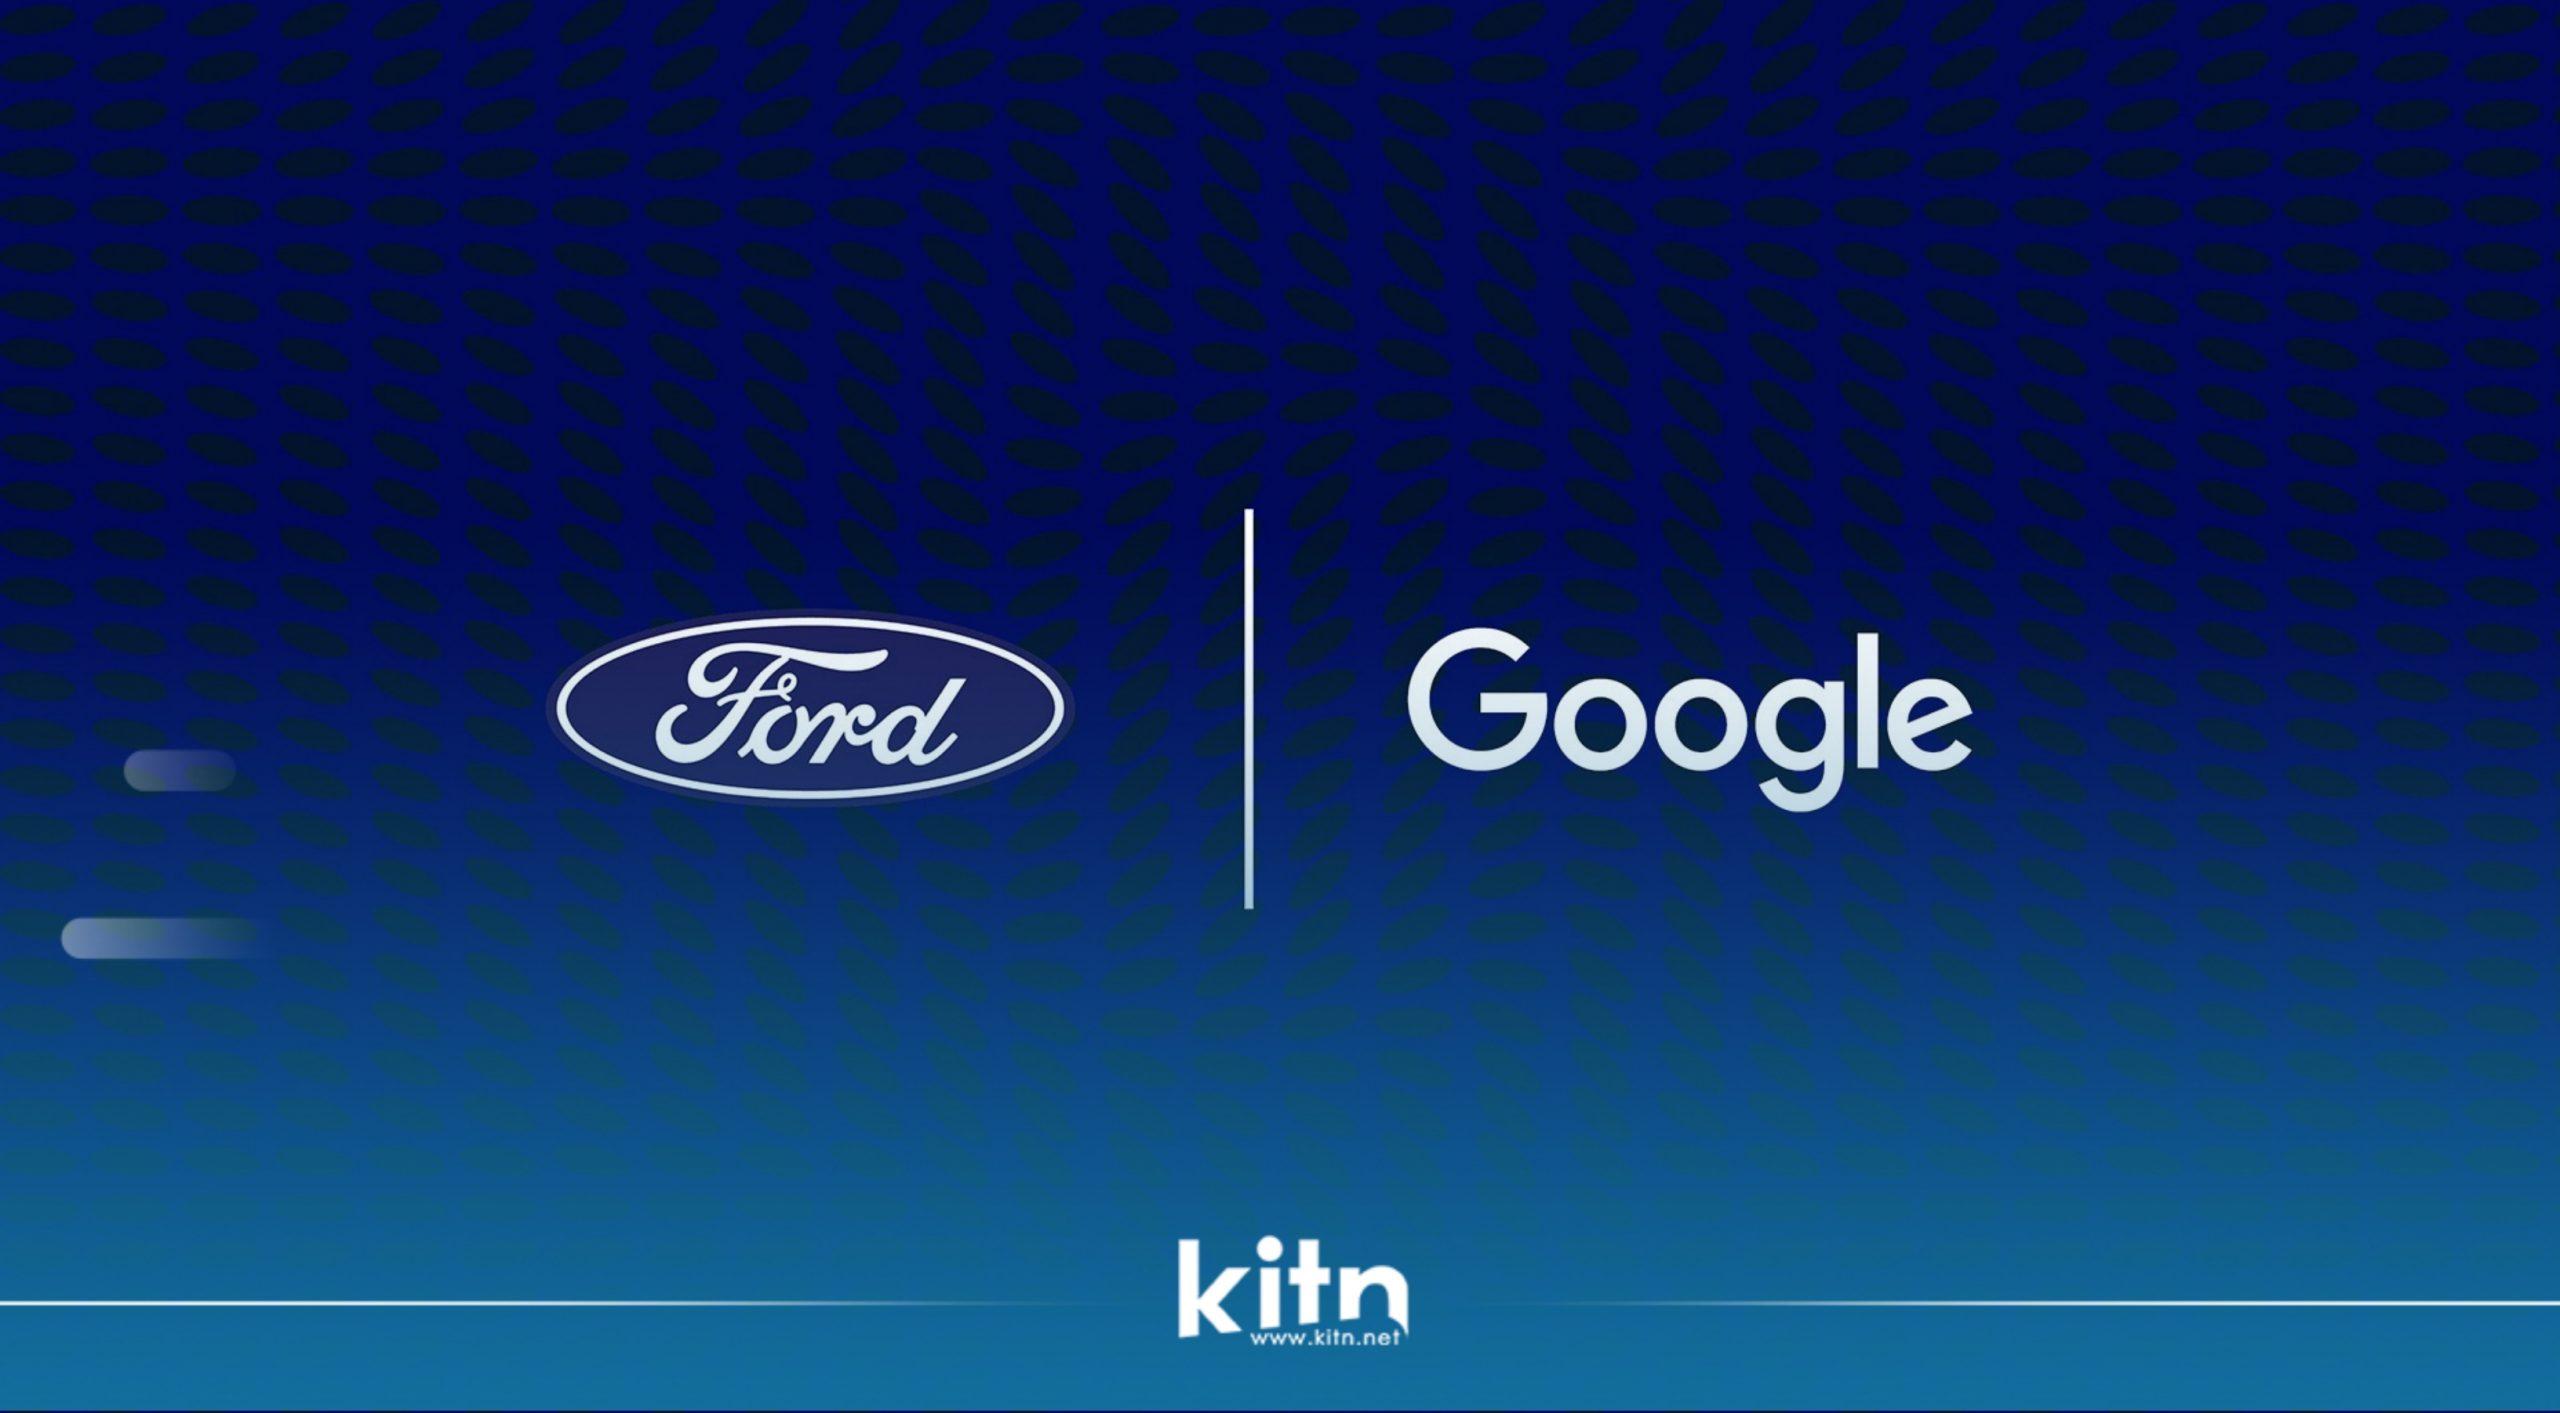 بە فەرمی کۆمپانیای Ford هاوبەشی لەگەڵ کۆمپانیای Google پێک هێنا